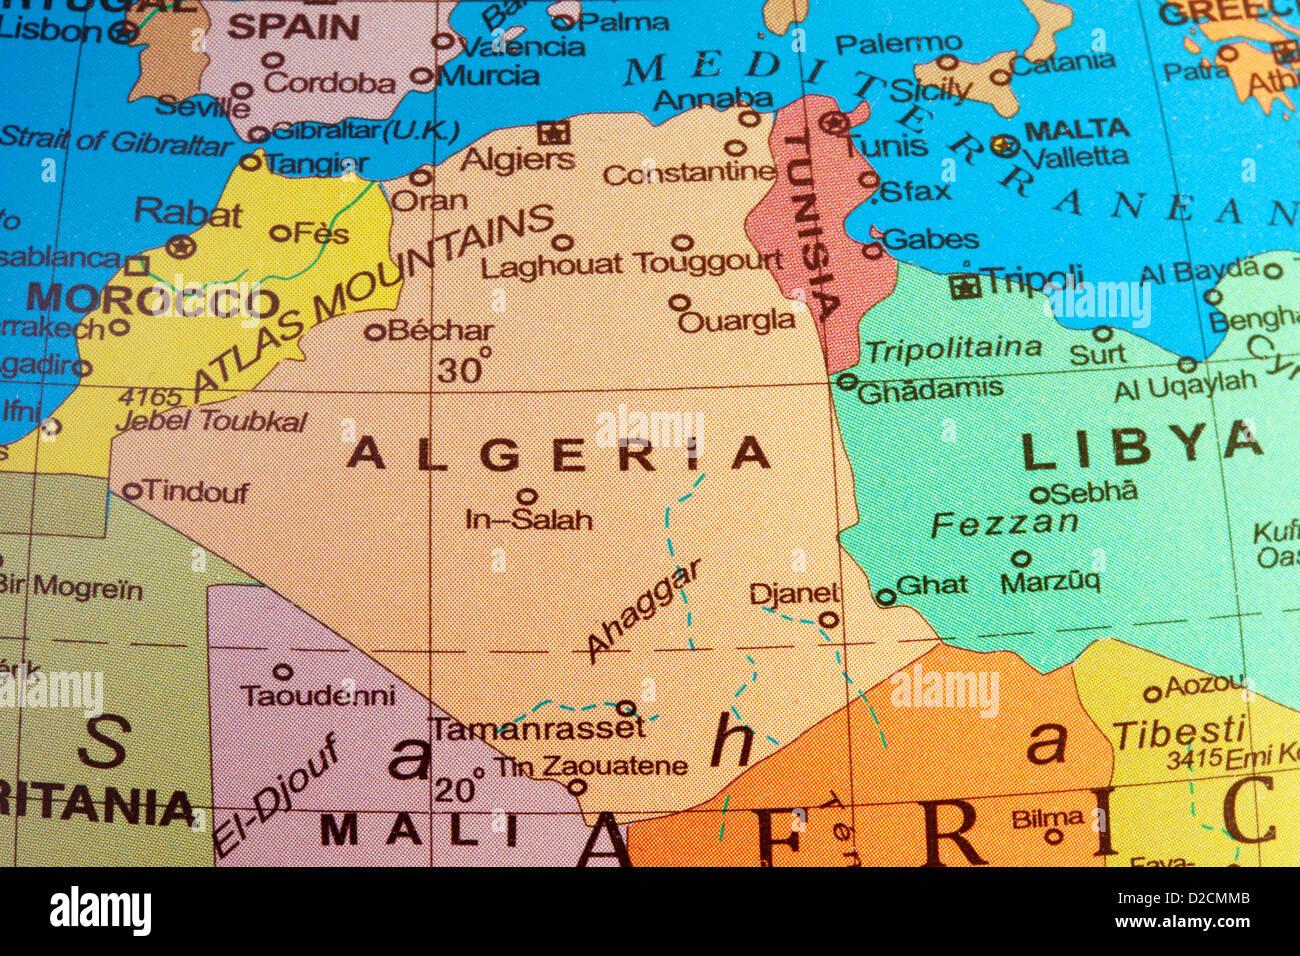 Une carte de l'Algérie et l'Afrique du Nord sur un globe Photo Stock